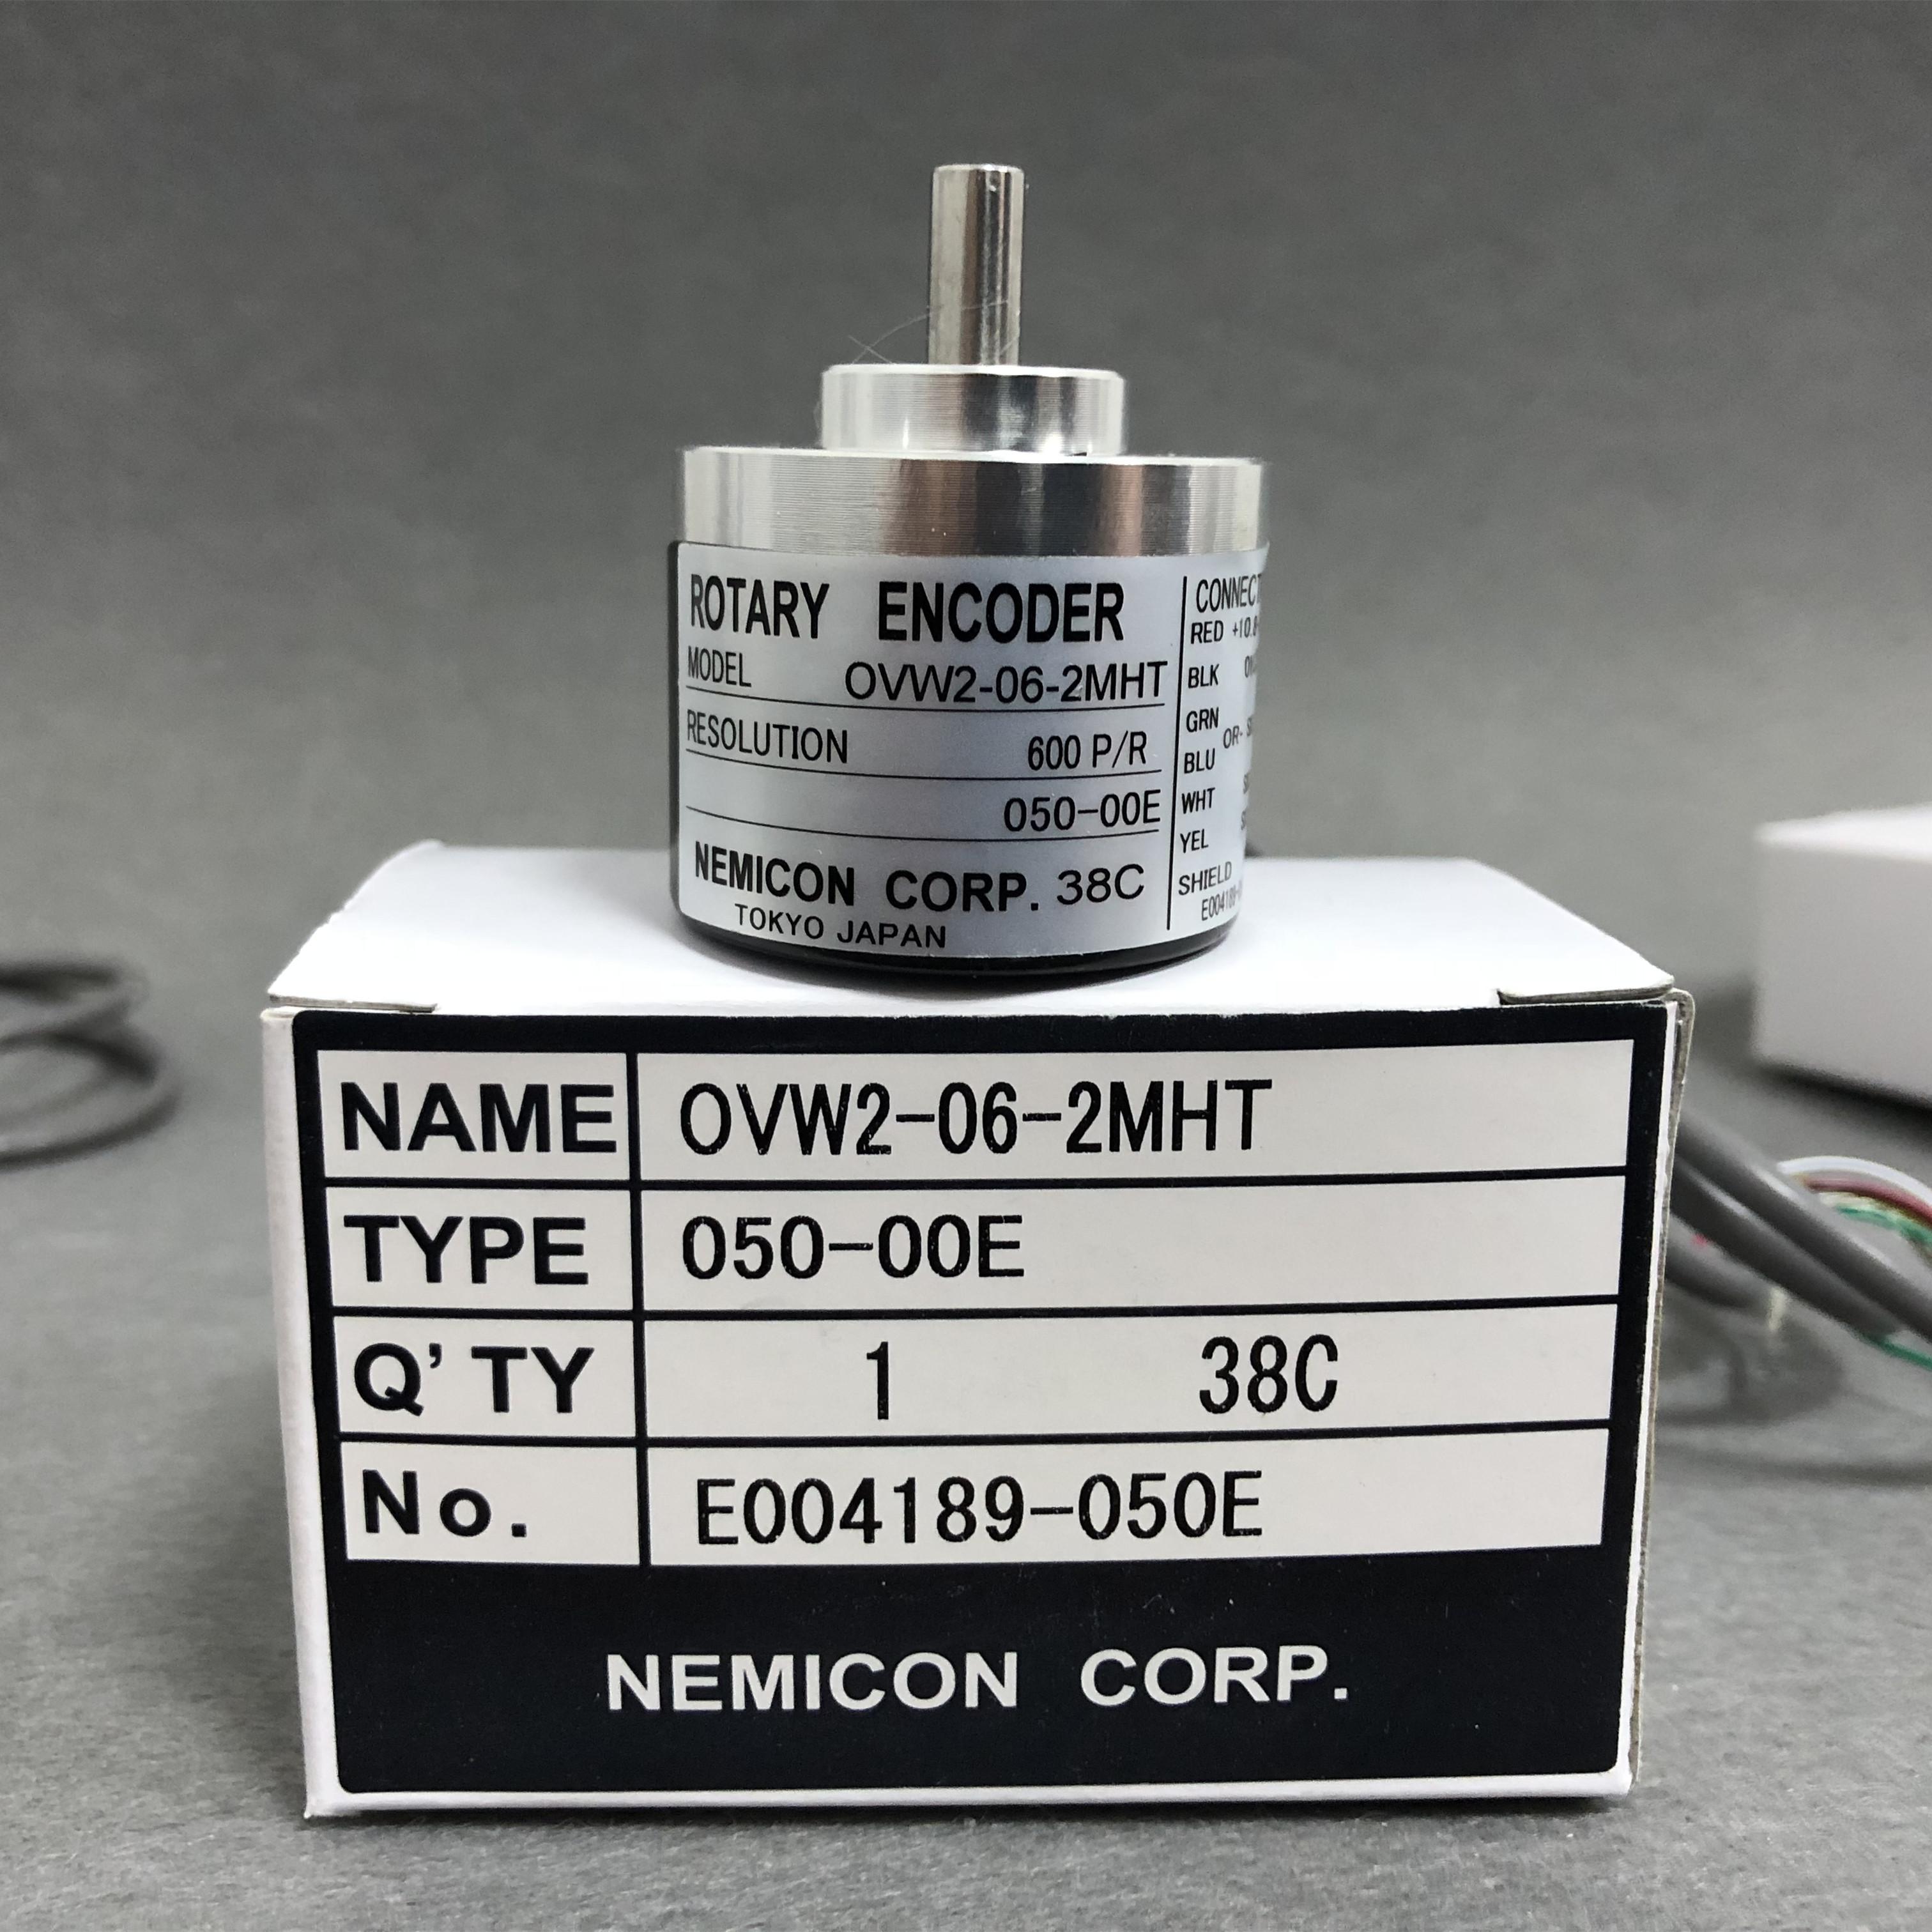 В близко контроль кодирование устройство OVW2-06-2MHT-10-2MD-1024-01-05-02-20-25-036-2MHC